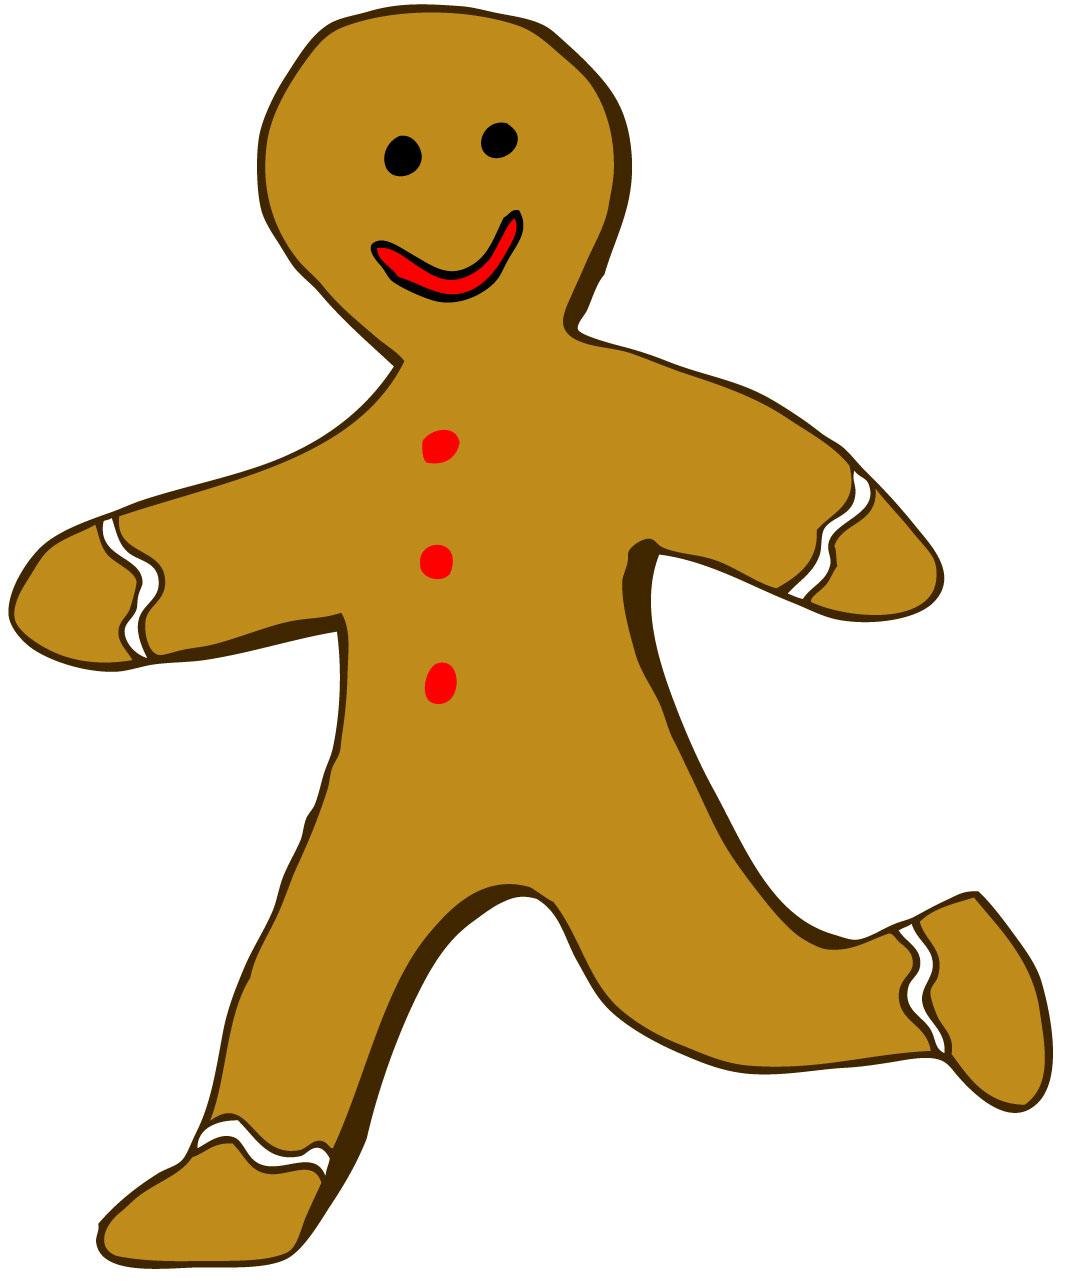 1066x1281 Top 61 Gingerbread Man Clip Art